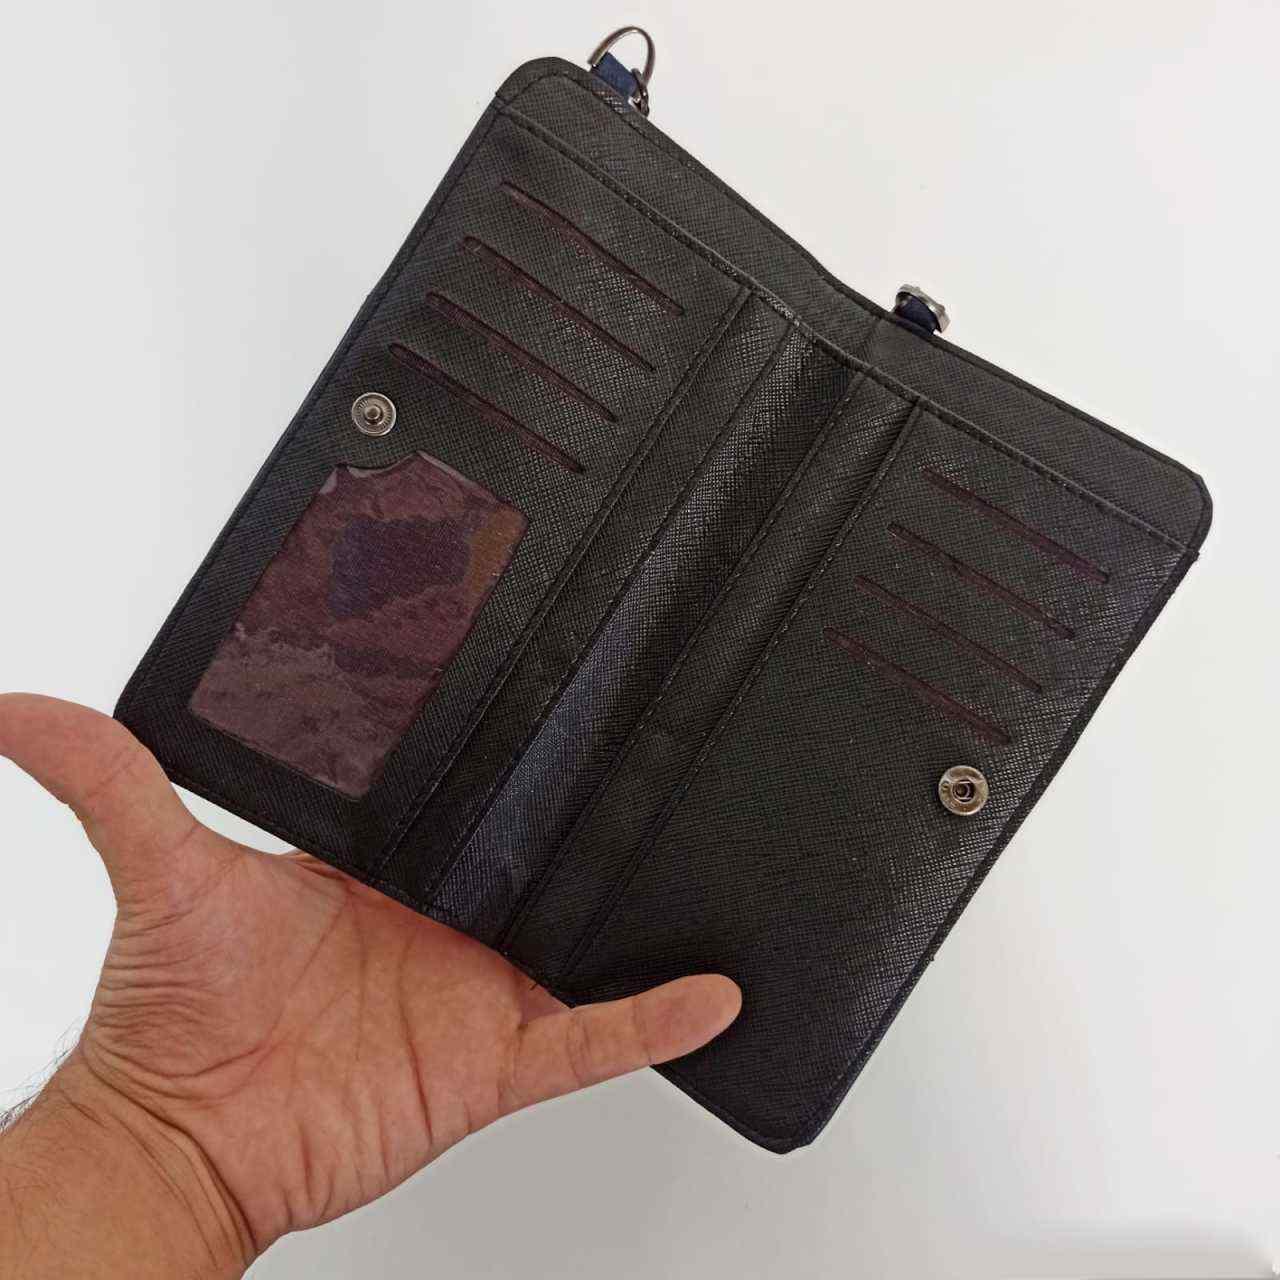 Lacivert Kapaklı Telefon Bölmeli Polo Kadın Cüzdanı